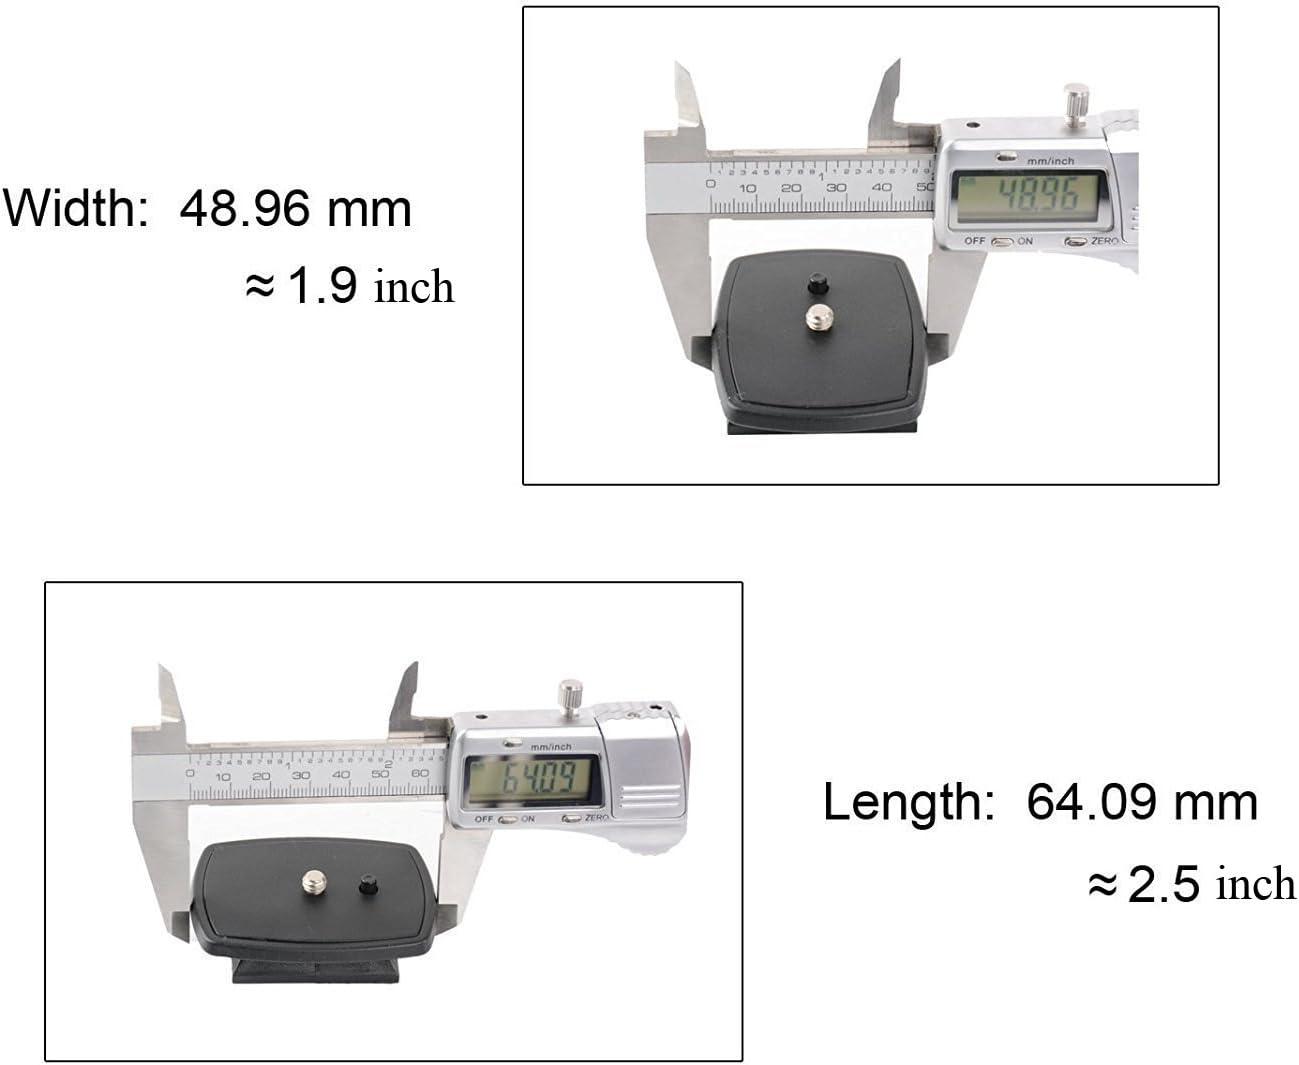 ZOMEI Adaptateur de plateau rapide Accessoire pour appareil photo Attache rapide pour Q111,Z666 tr/épied